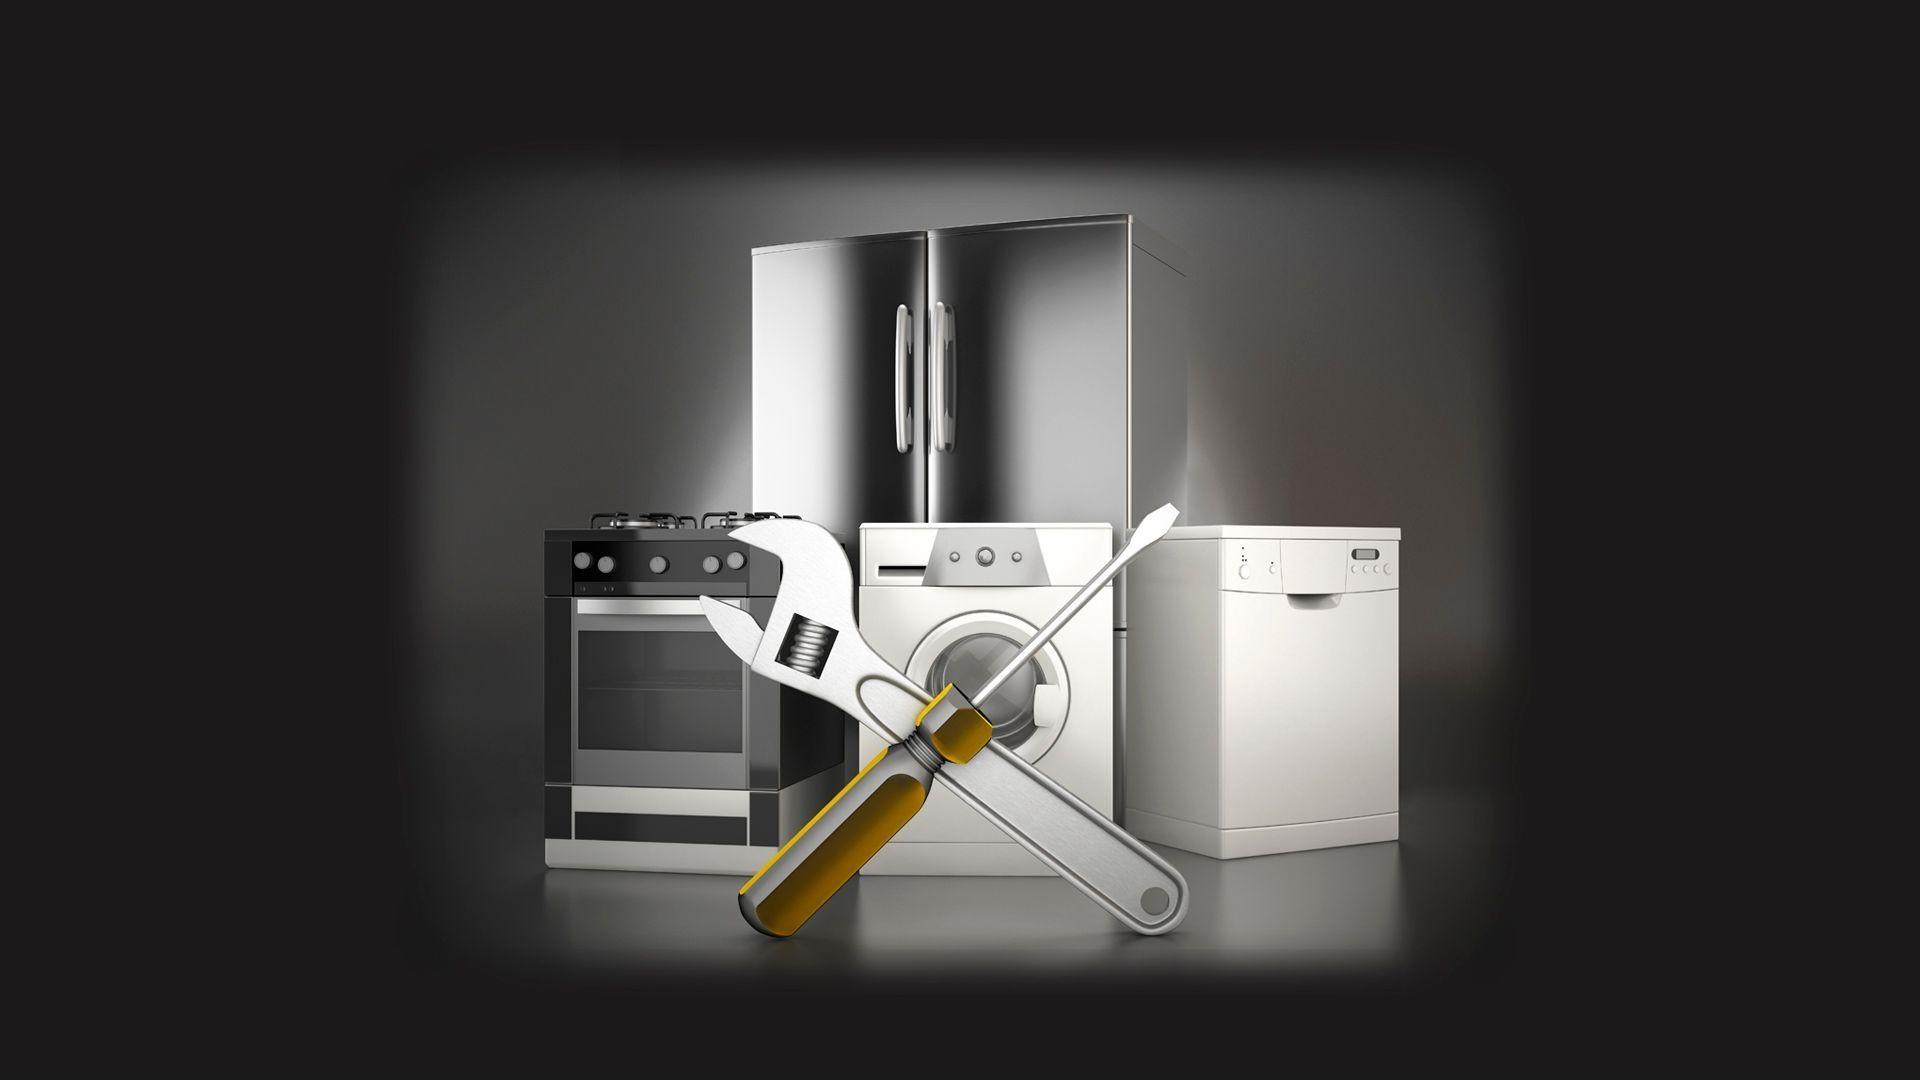 Reparación de aire acondicionado y electrodomésticos en Tarragona